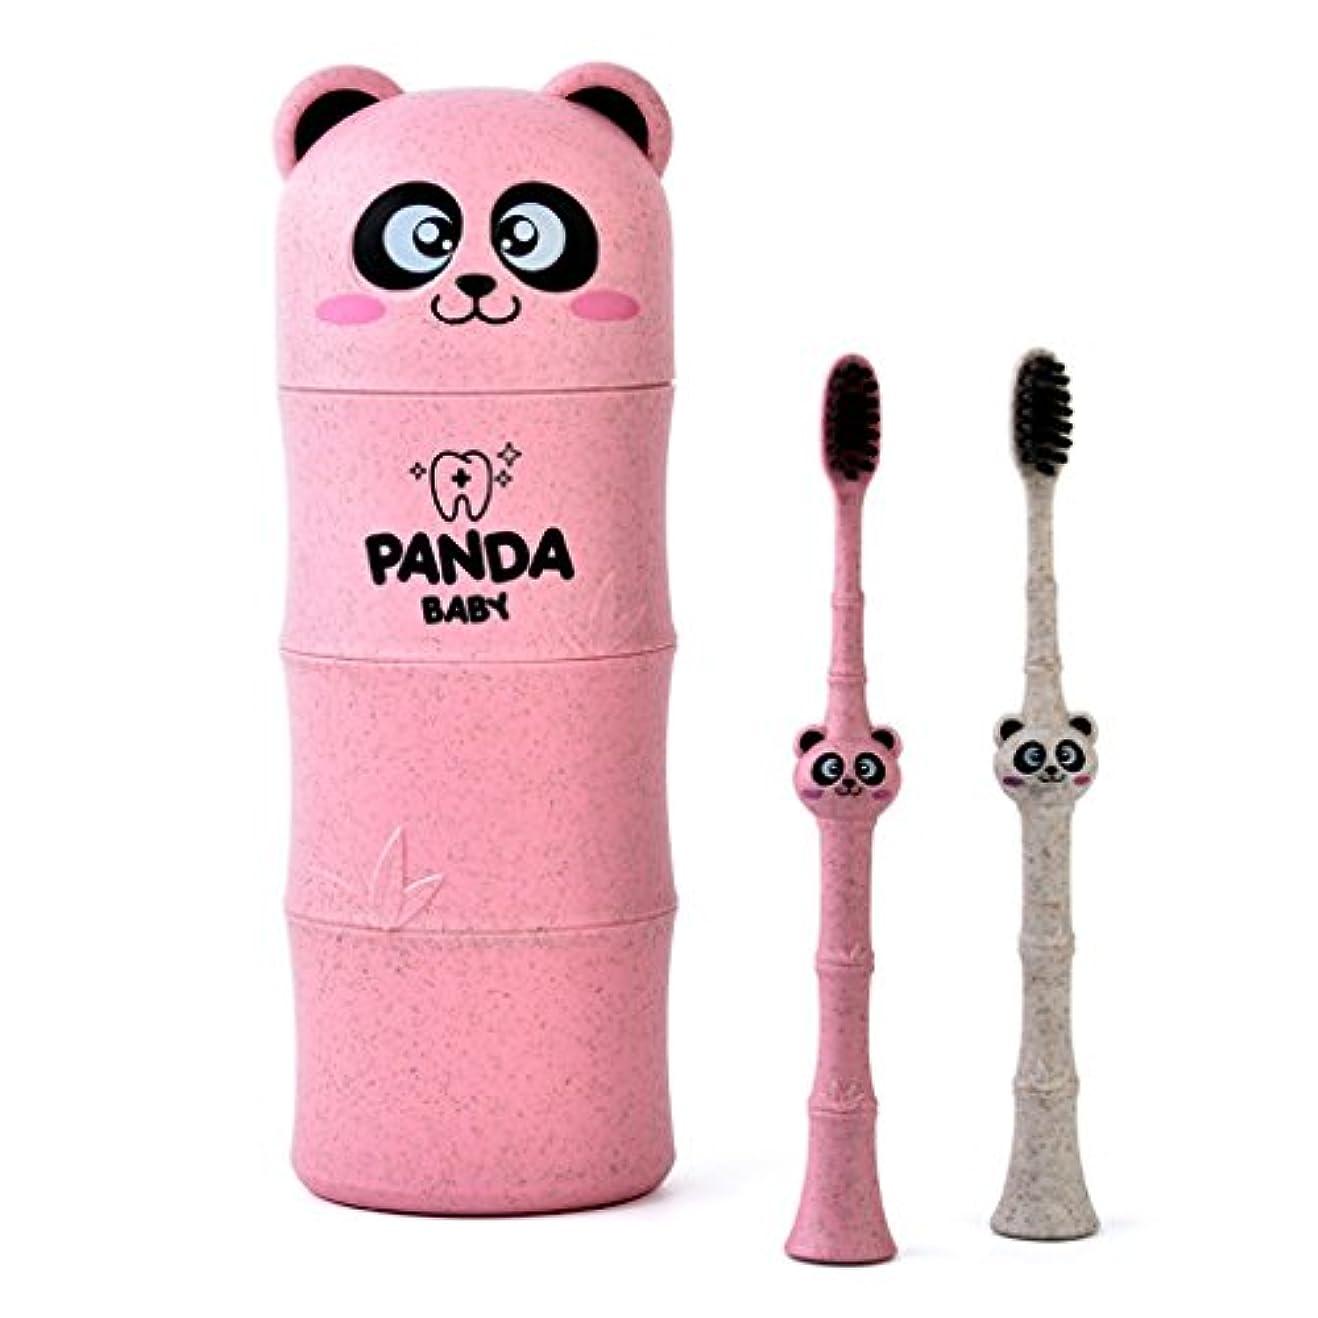 サドルエールバトルManyao 1セットベビー歯ブラシ小麦ストロー漫画パンダ幼児子供歯科口腔ケア (ピンク)